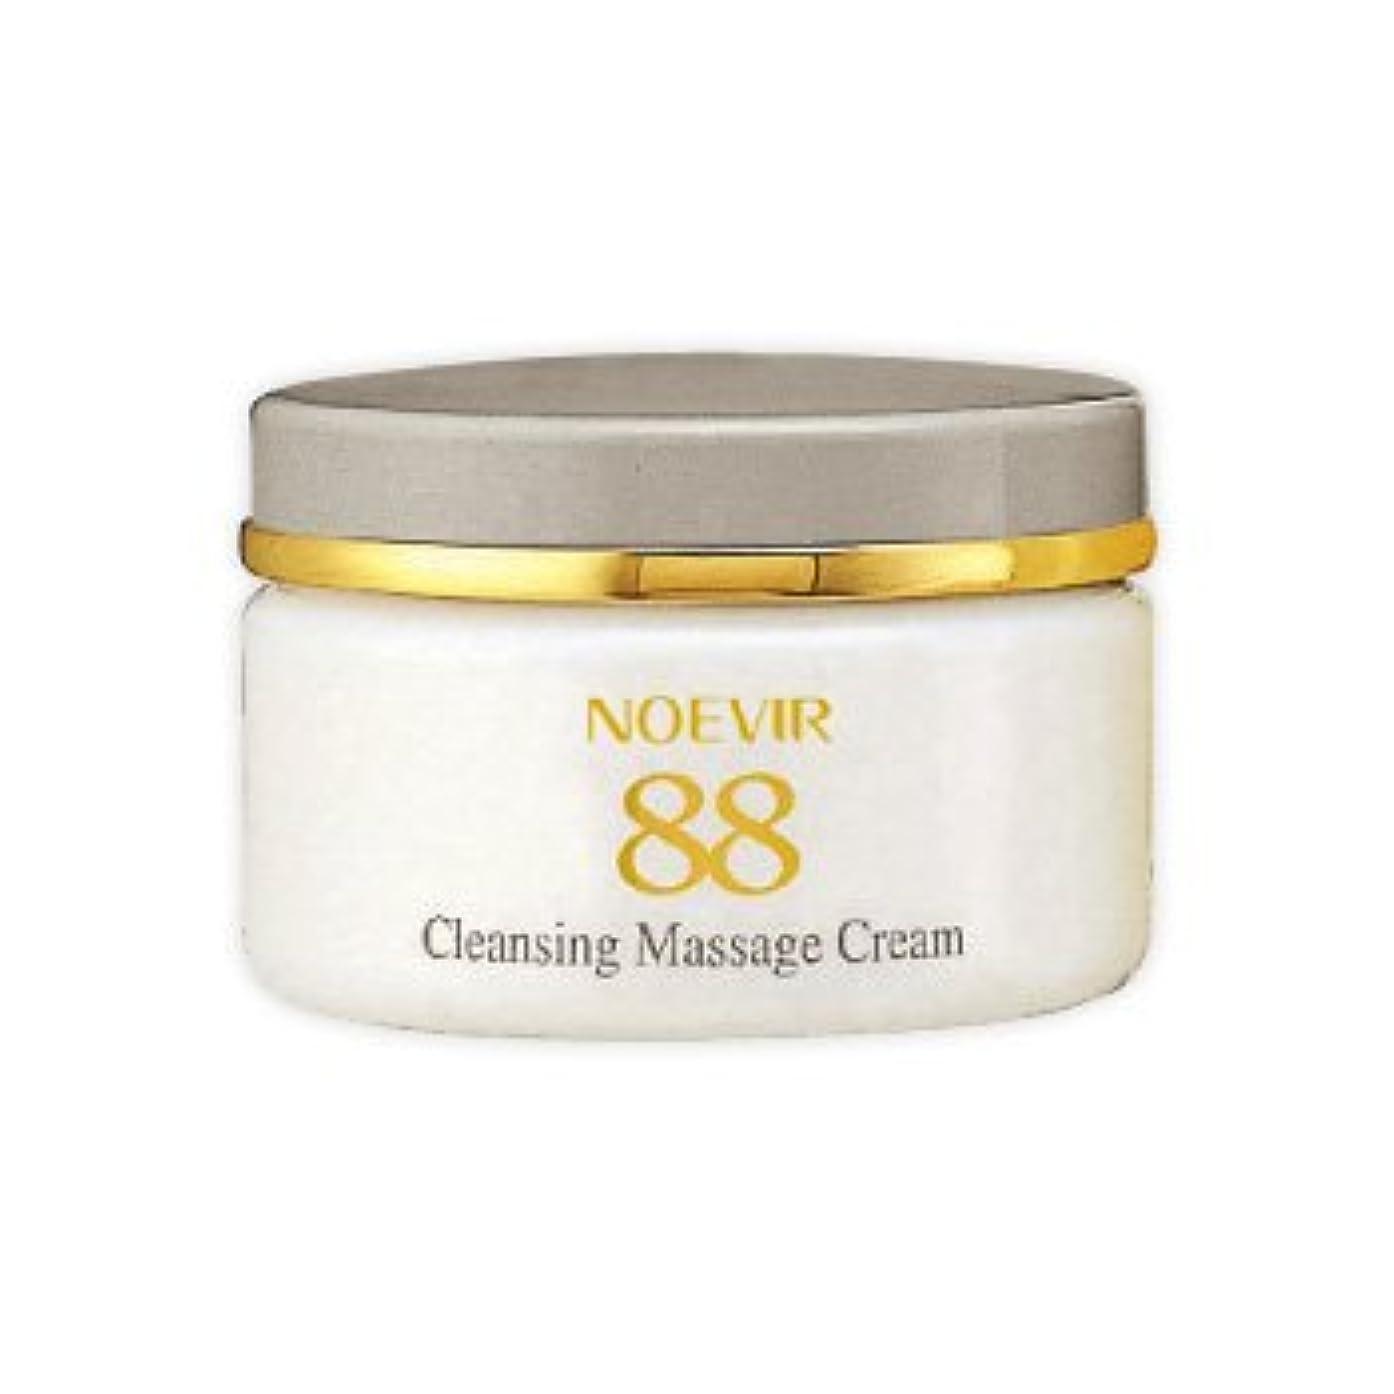 渇き組み合わせ申込みノエビア ノエビア88 クレンジングマッサージクリーム(110g)